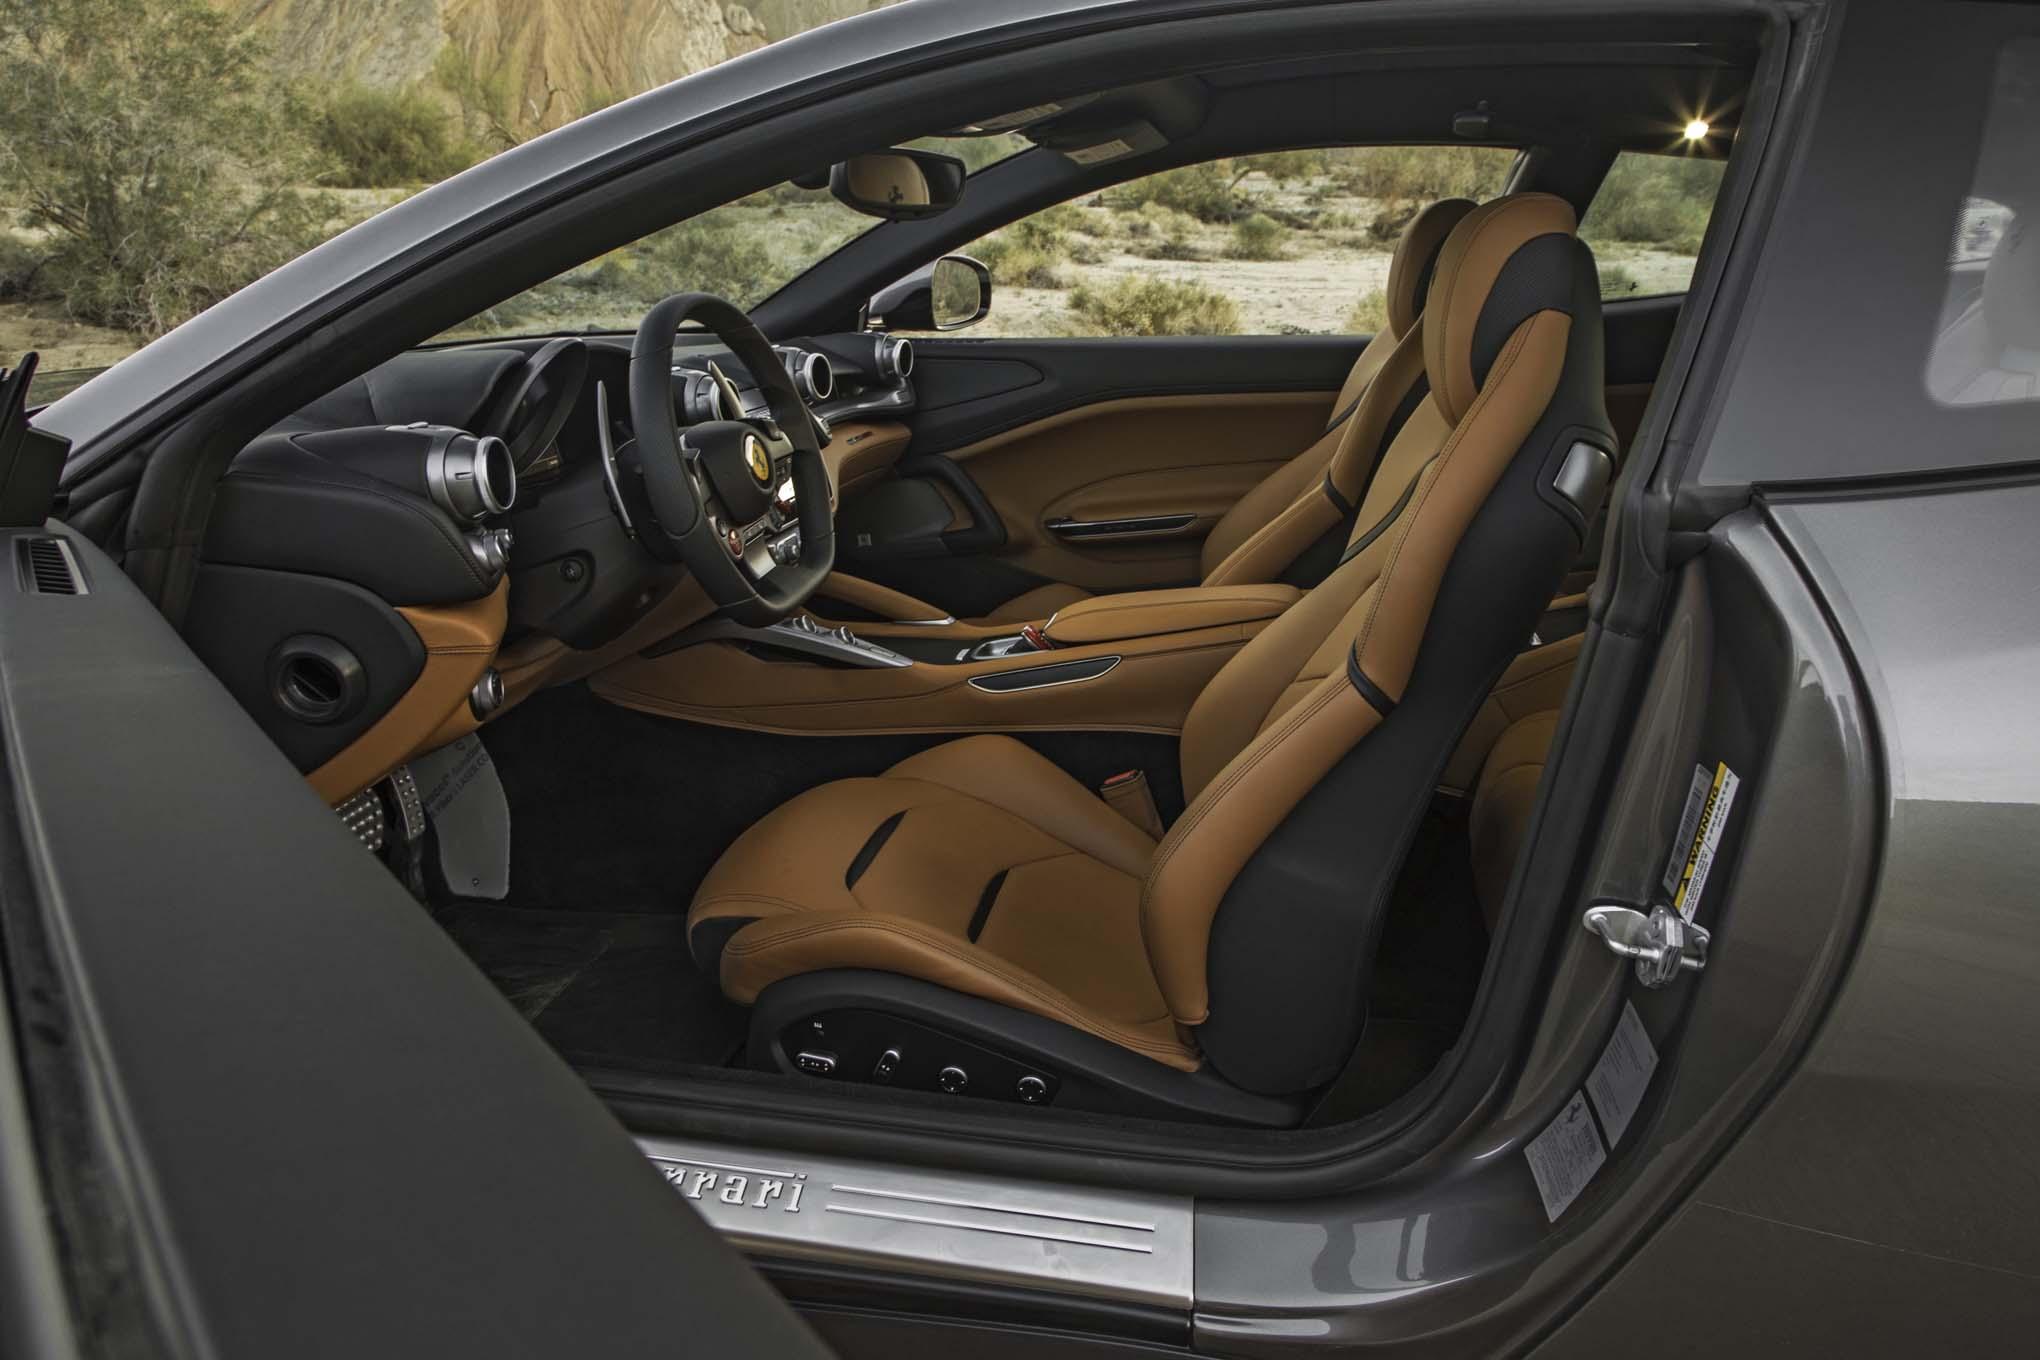 Ferrari Gtc Lusso Interior Car View Specs